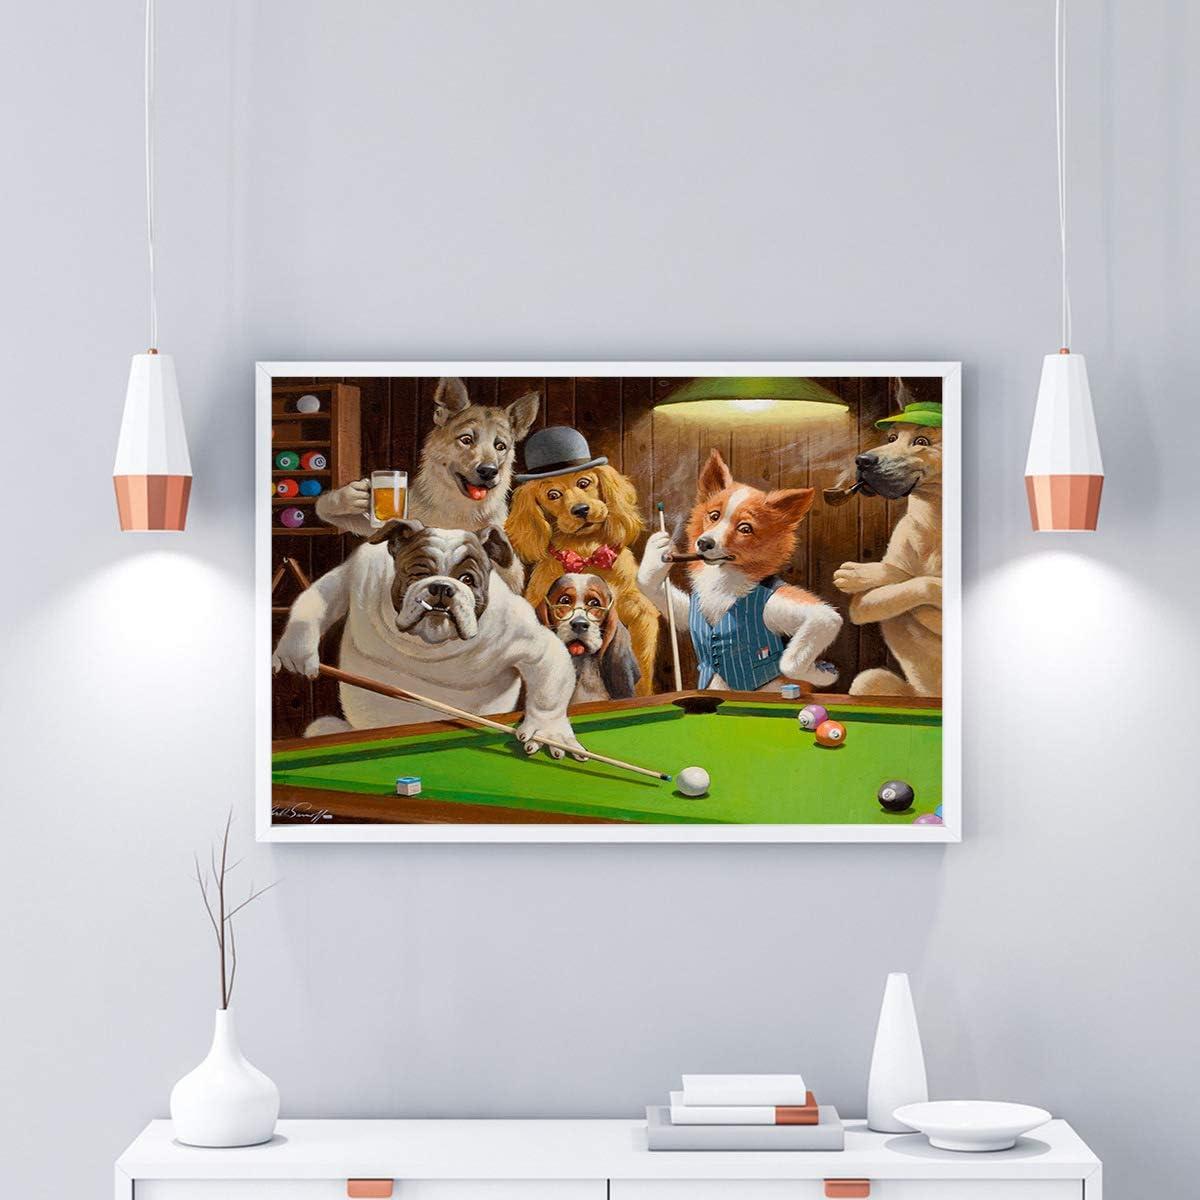 baokuan86 HD Moderno impresión en Lienzo Perro Jugando Billar Billar Pintura al óleo sobre Lienzo decoración de la habitación en casa Cartel-XL: Amazon.es: Hogar